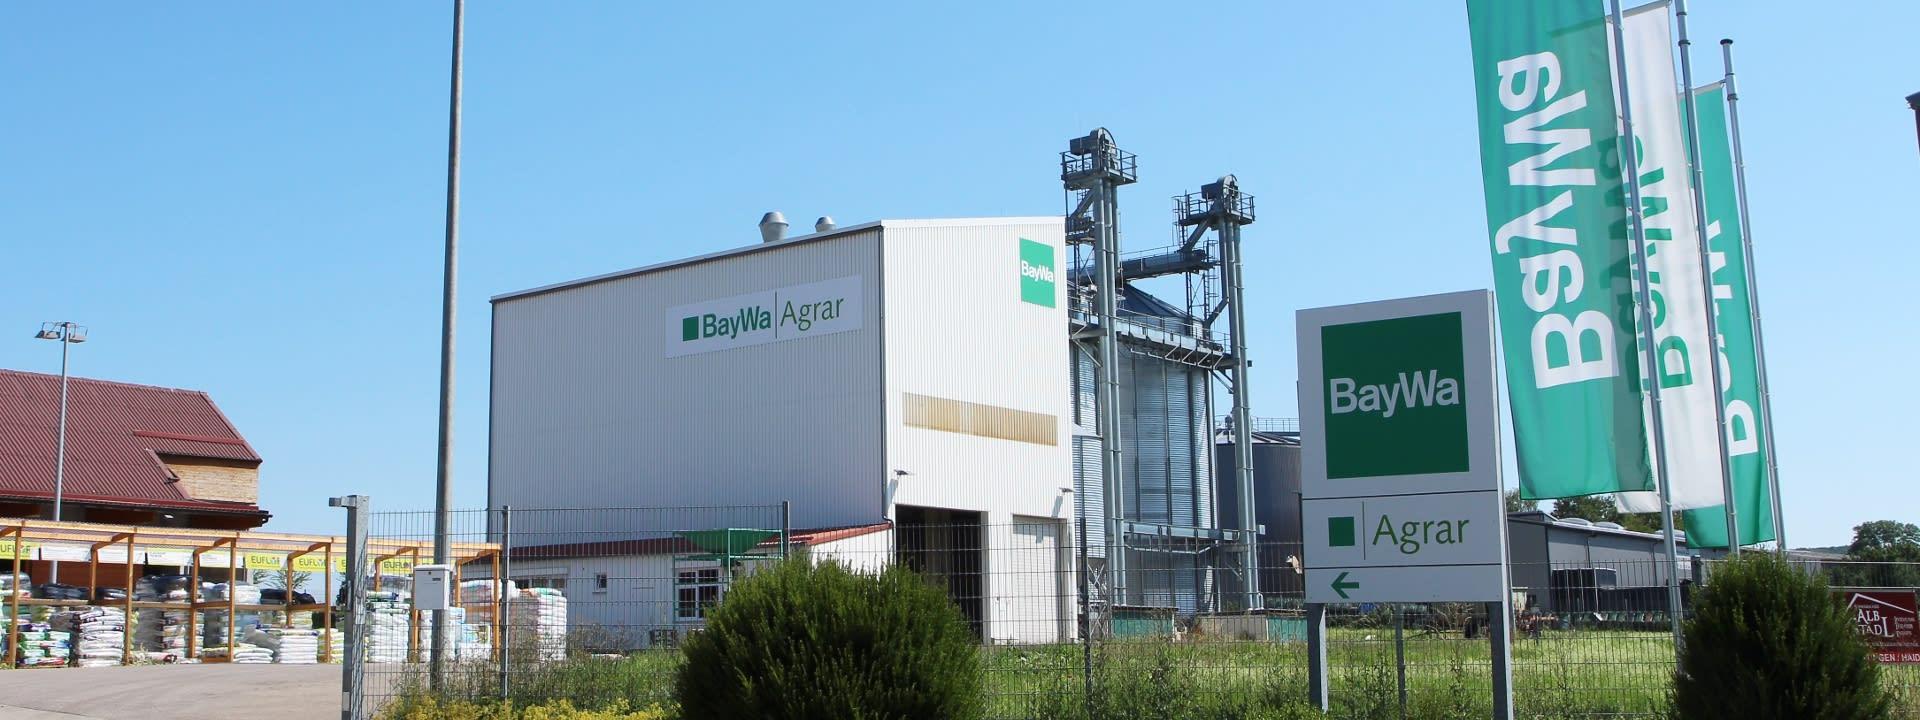 BayWa Agrar Engstingen-Haid